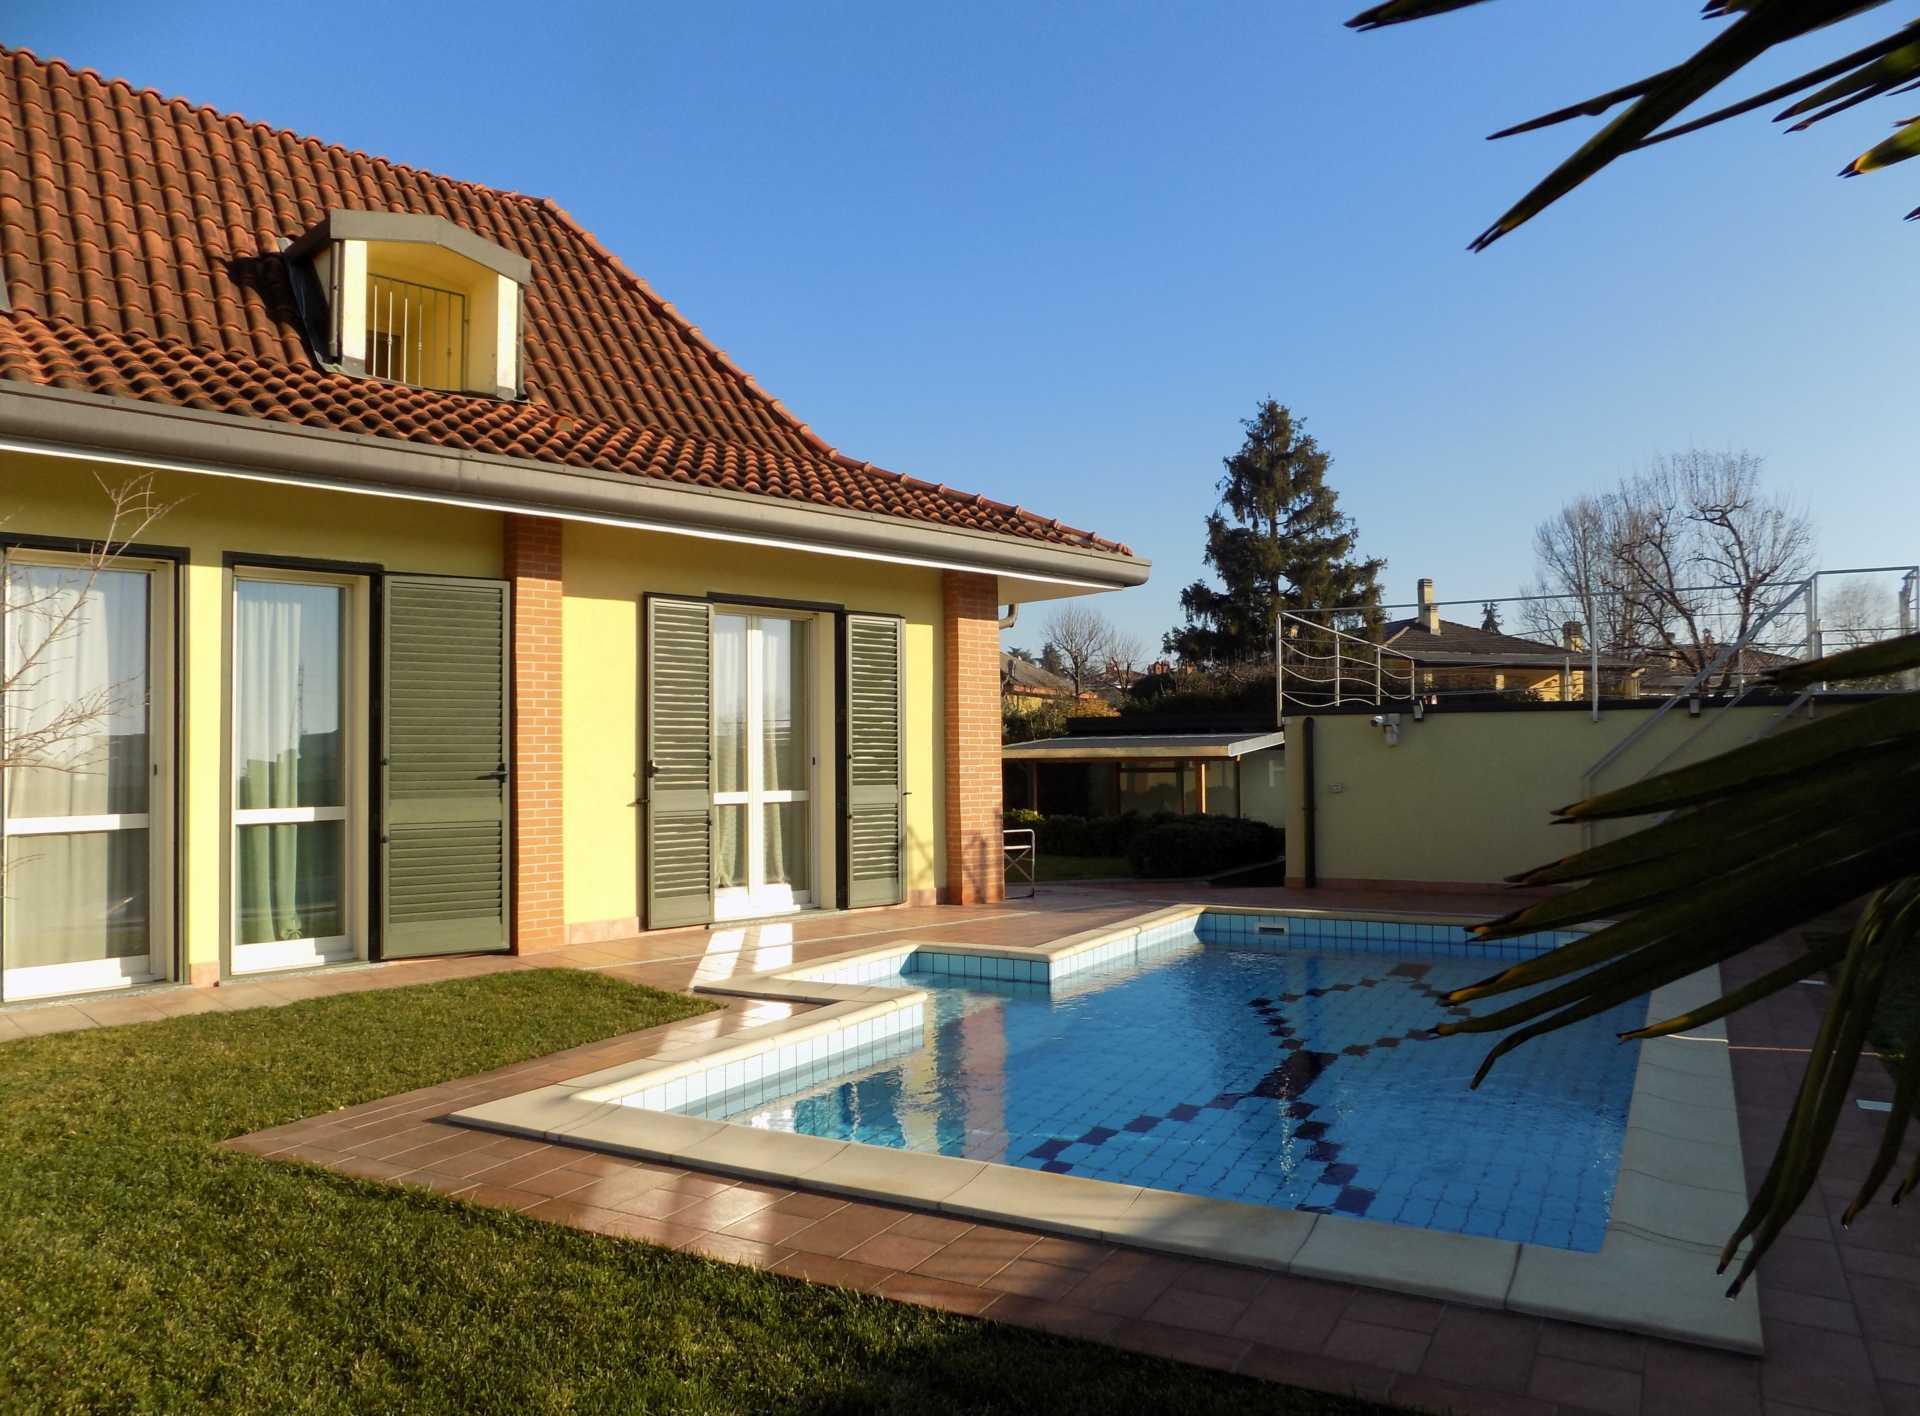 Cavenago di Brianza villa con piscina in vendita (5)